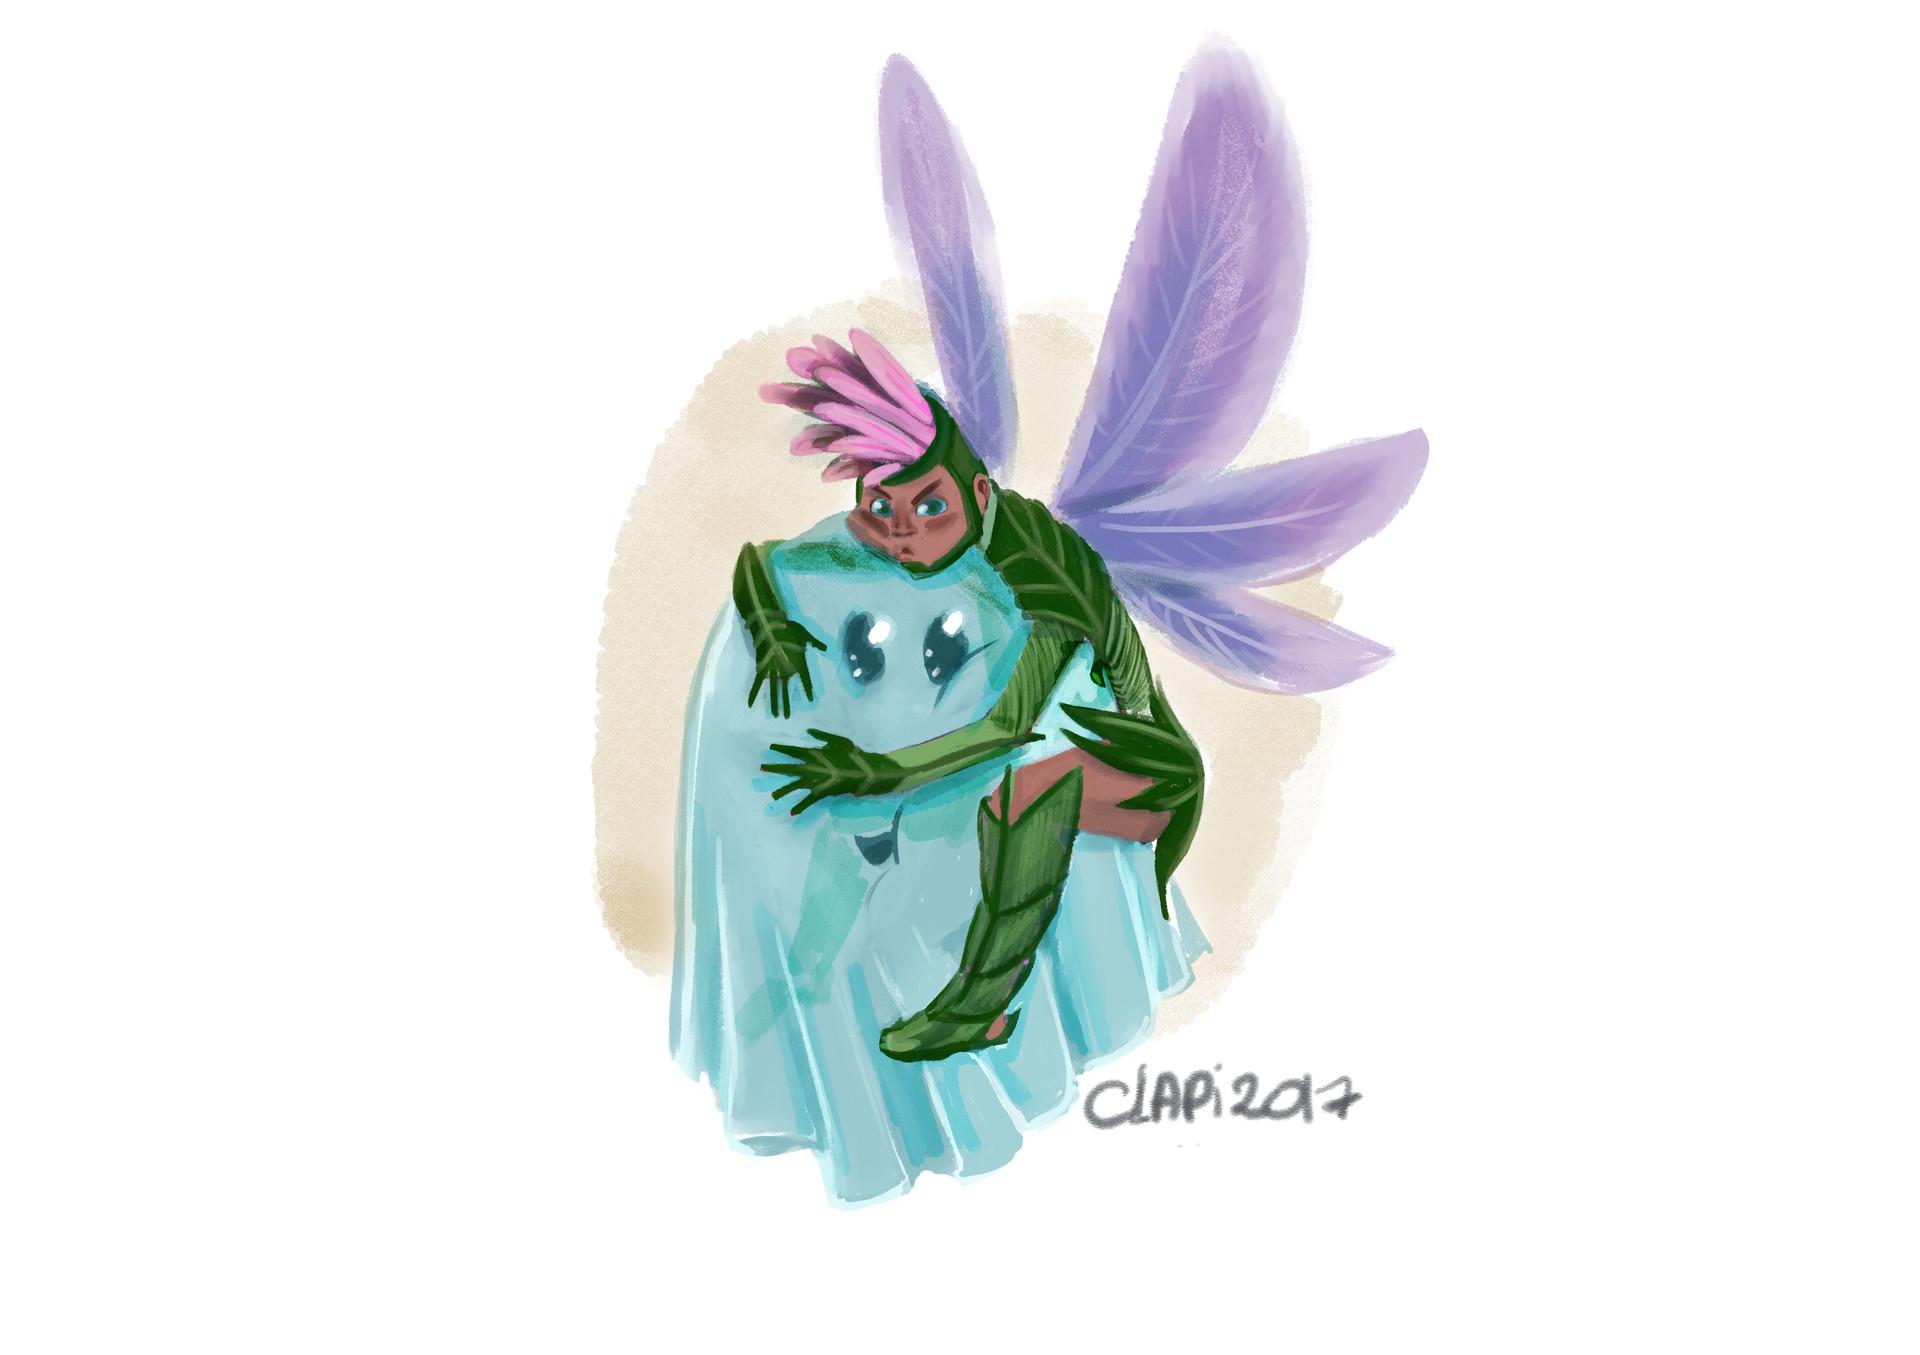 Claudia pistritto 2 selfish faerie